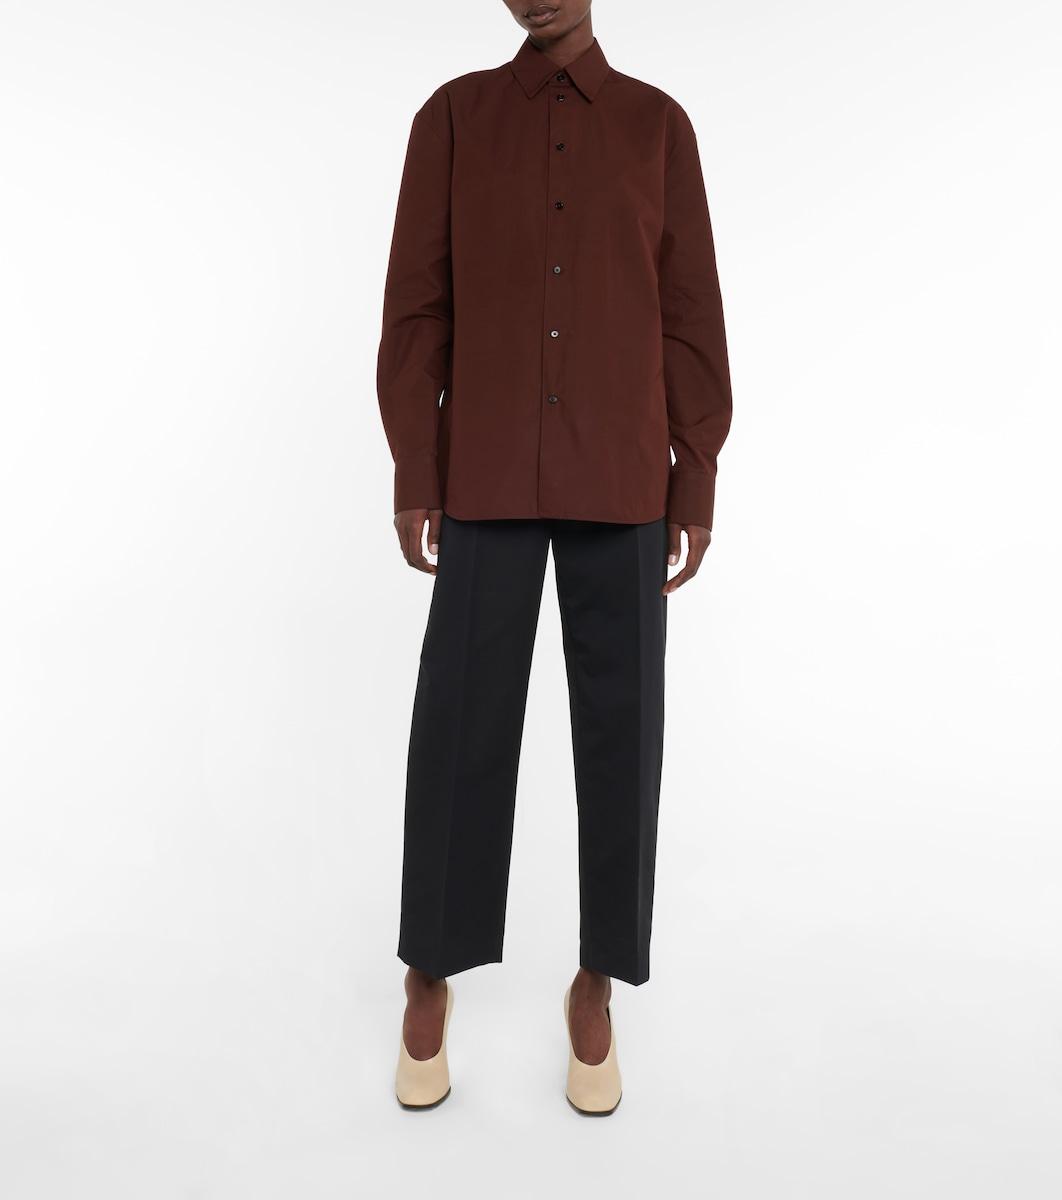 JIL SANDER Dark Green 100/% Wool Tunic Dress Size US 6